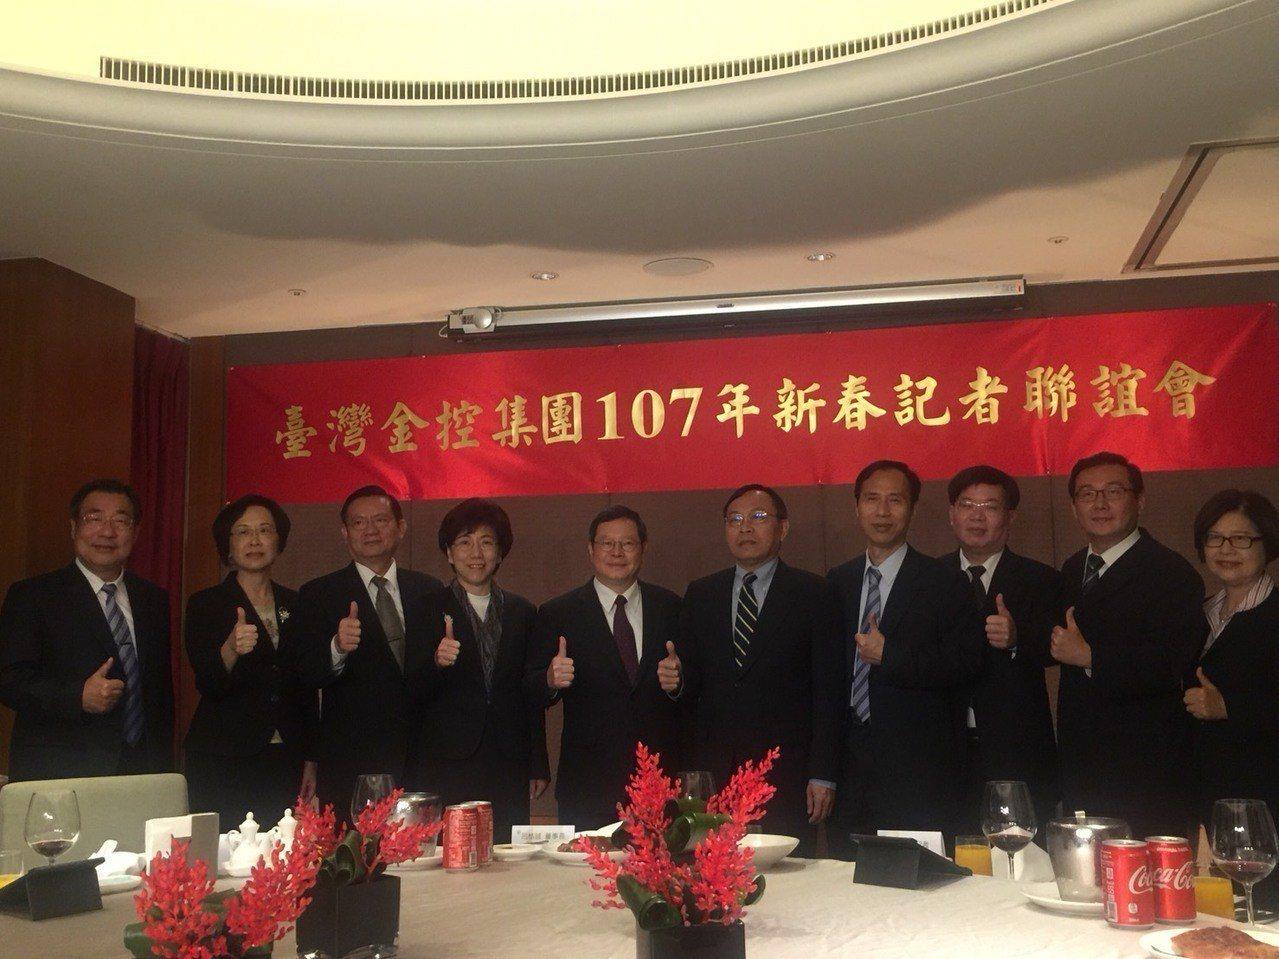 台灣金控集團今天舉辦新春記者聯誼會。記者沈婉玉/拍攝